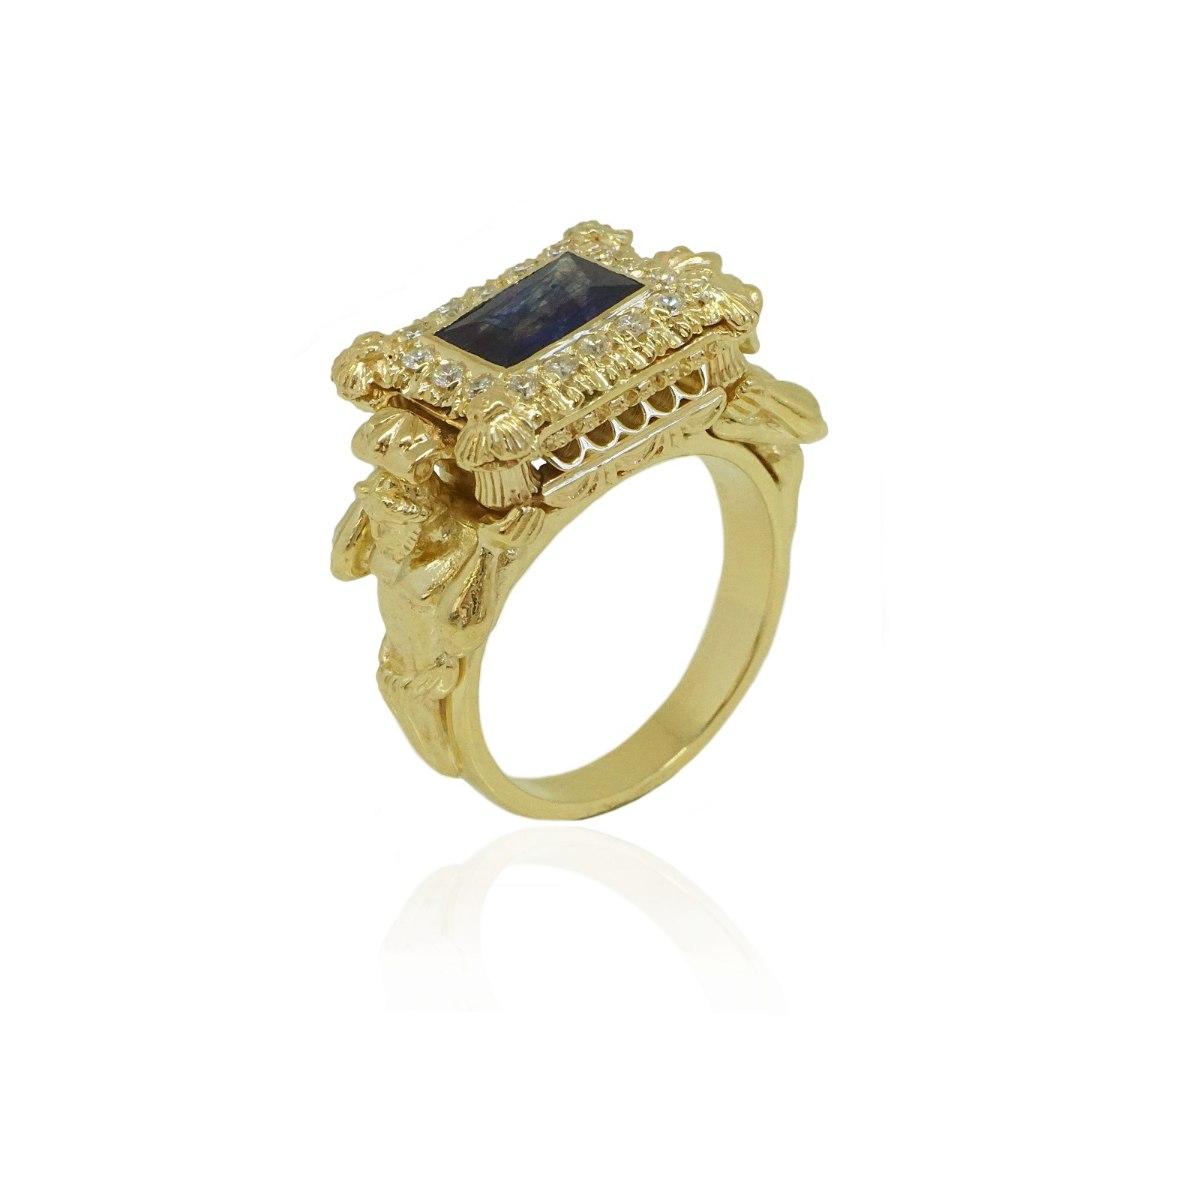 טבעת זהב הרקולס טבעת זהב לגבר אבן ספיר